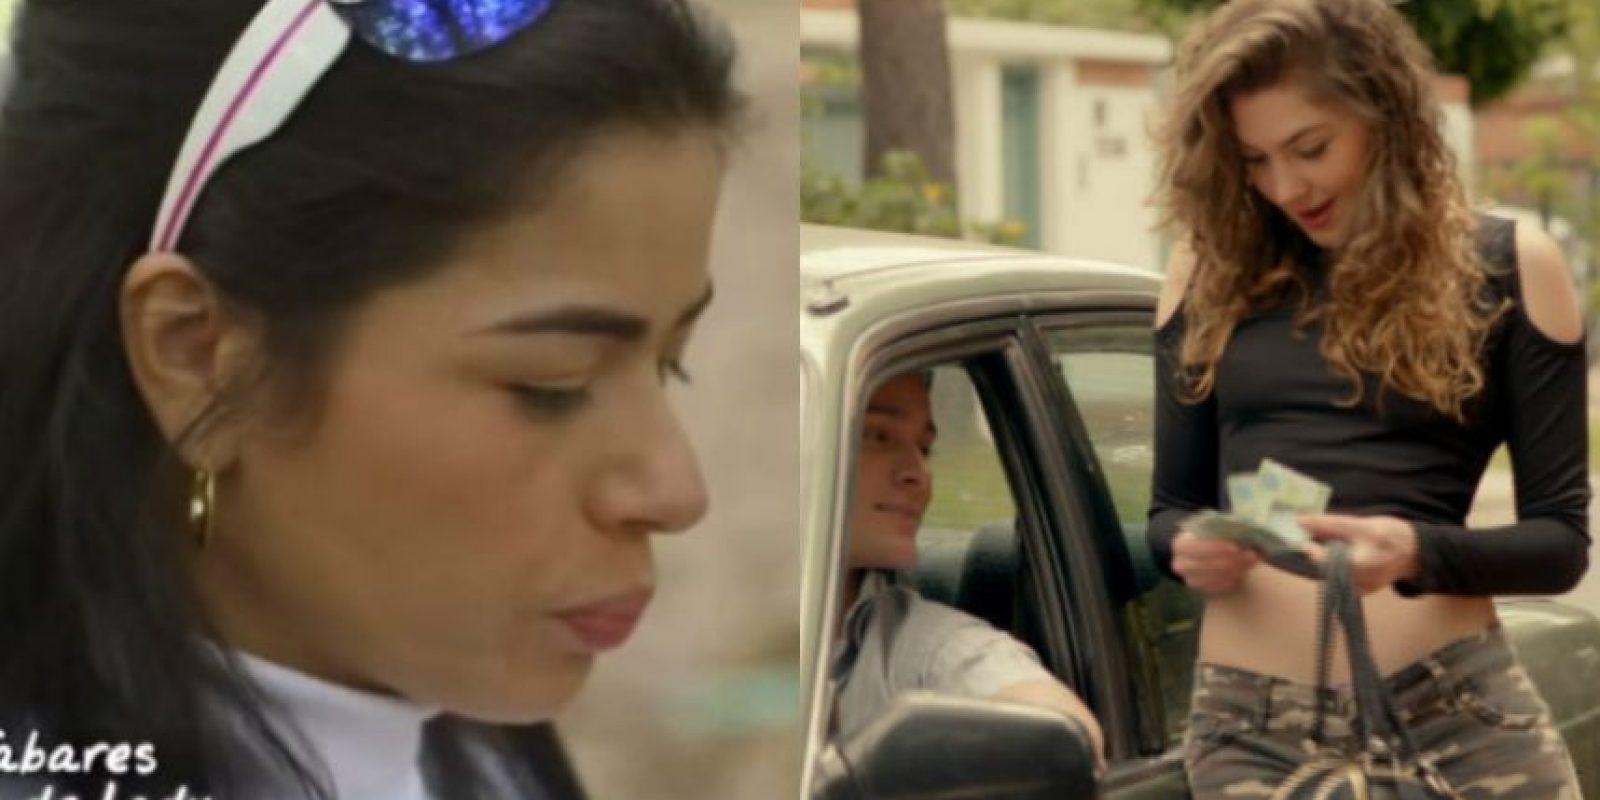 Angie Tabares podría ser Liliana, la hermana de la protagonista. Aunque el papel no está inspirado en sus vivencias. Foto:Tomada de http://ladylavendedoraderosas.canalrcn.com